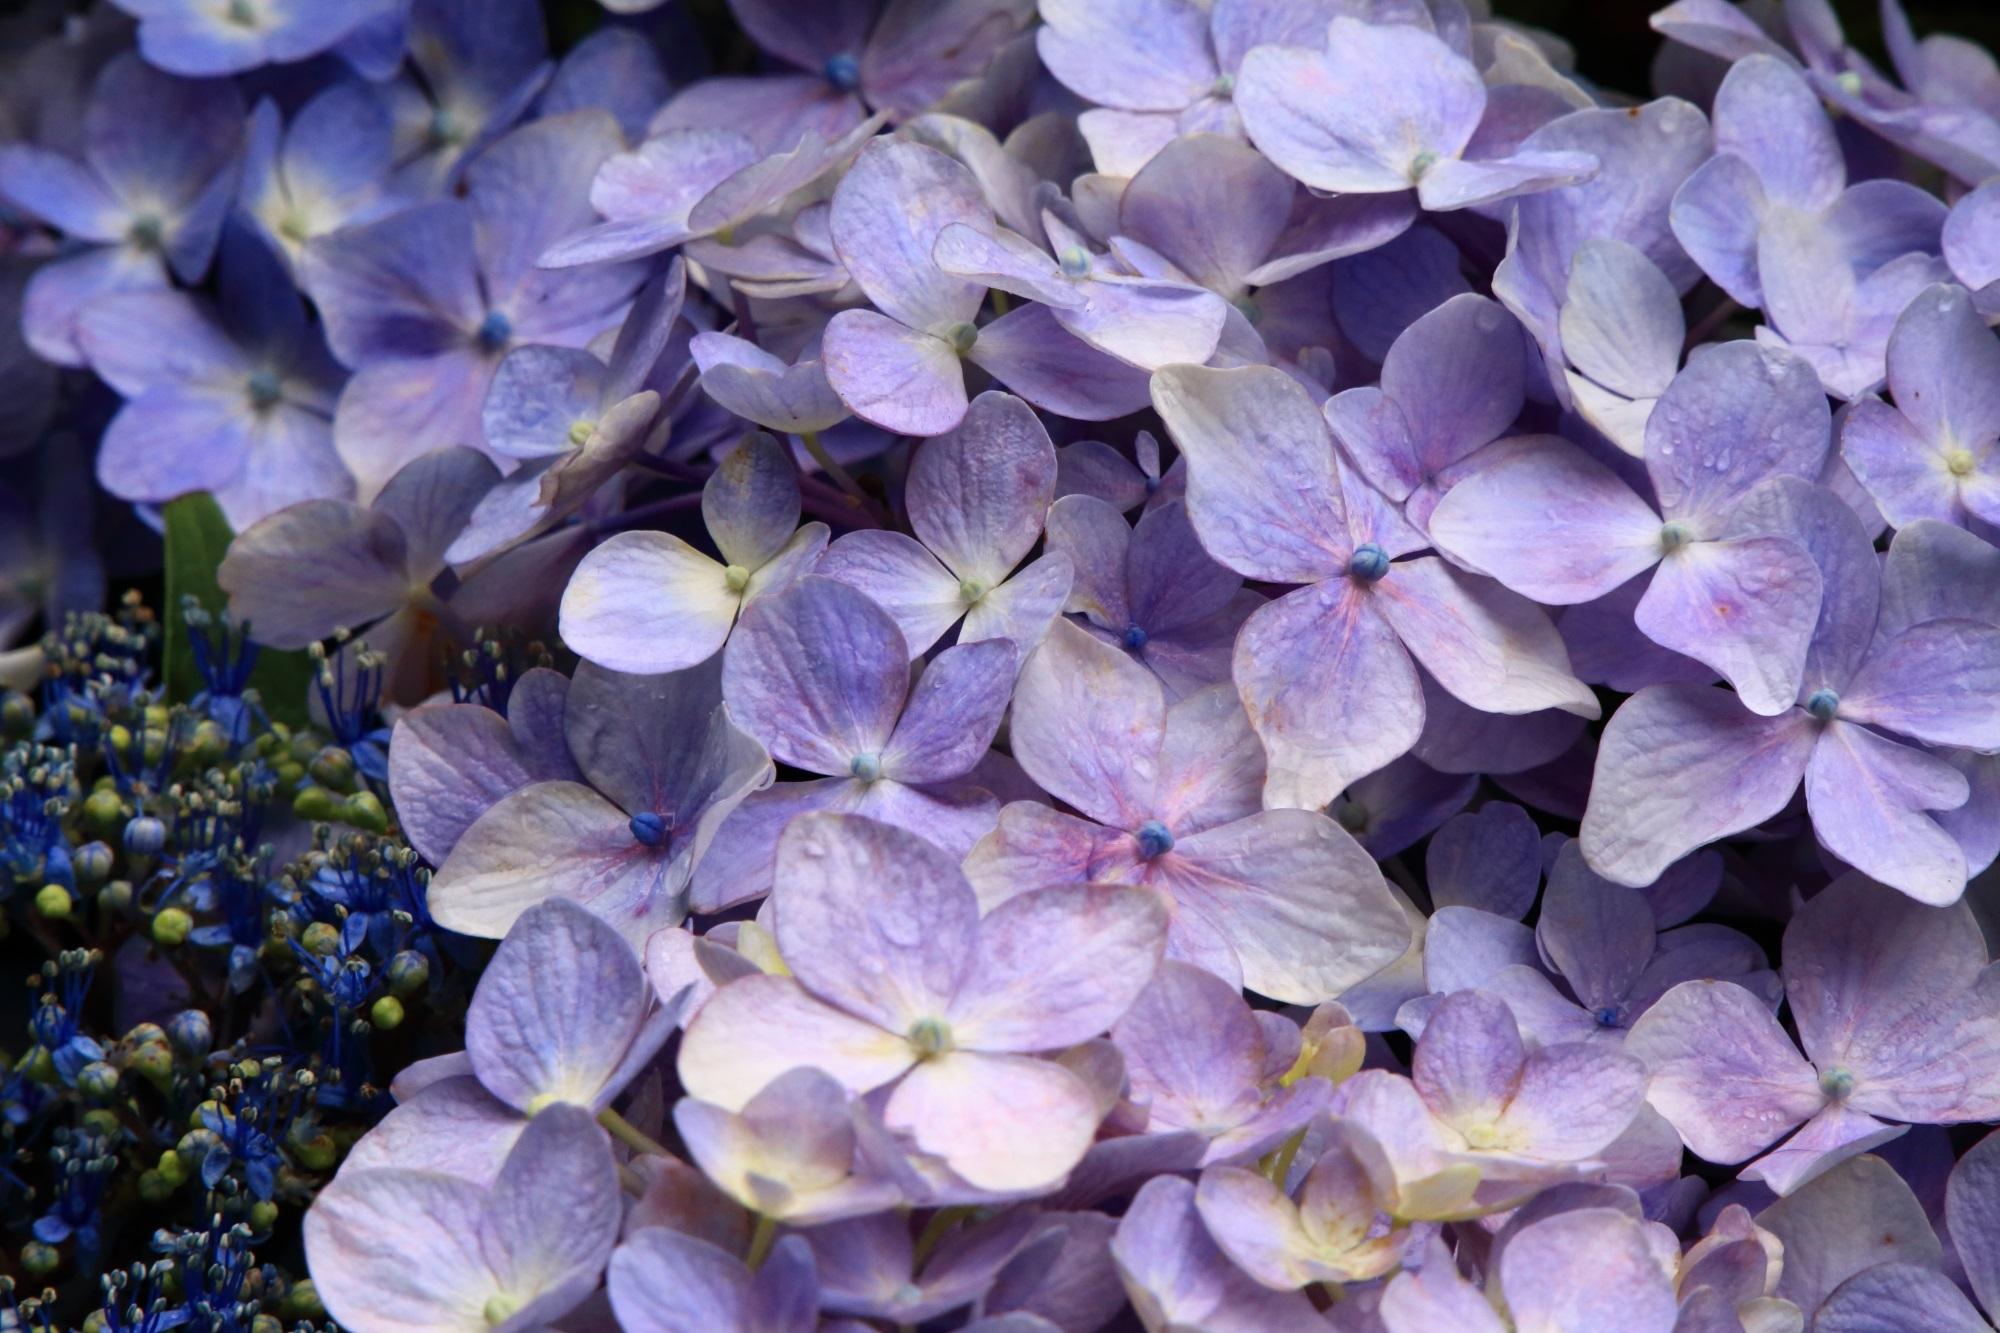 水滴が演出する華やかな紫陽花